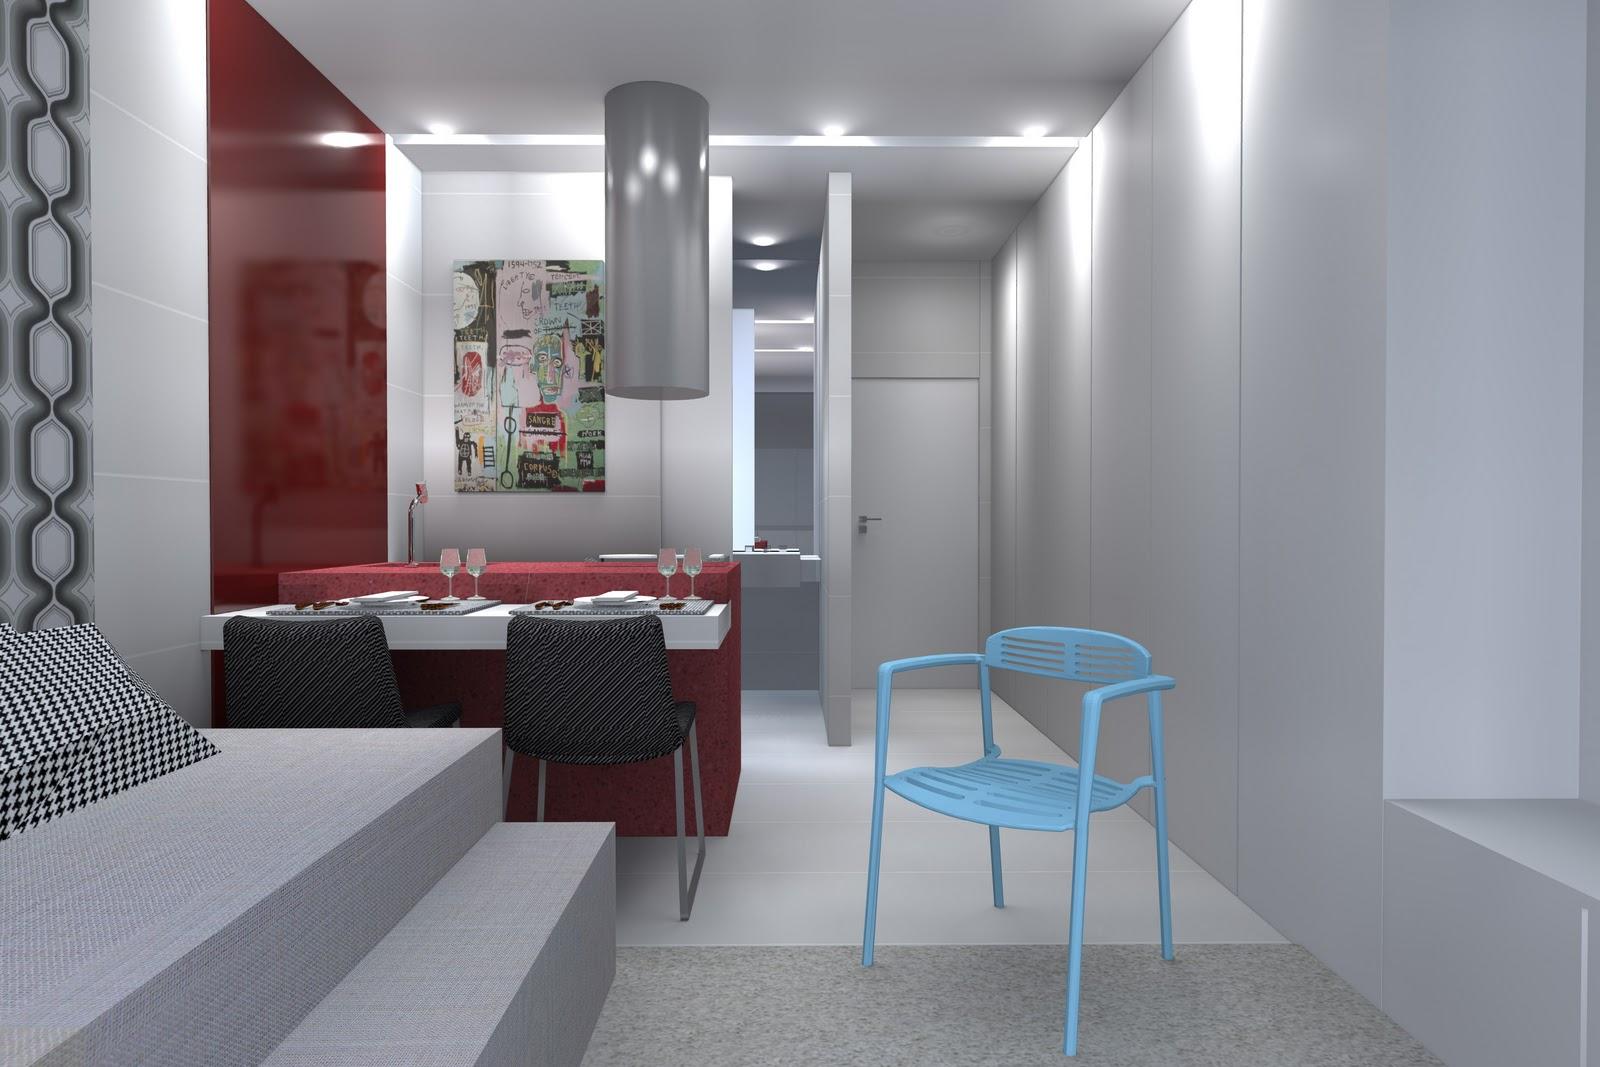 Embutidos Na Bancada Frigobar E Microondas Completam A Bancada De #653538 1600x1067 Bancada Banheiro Profundidade